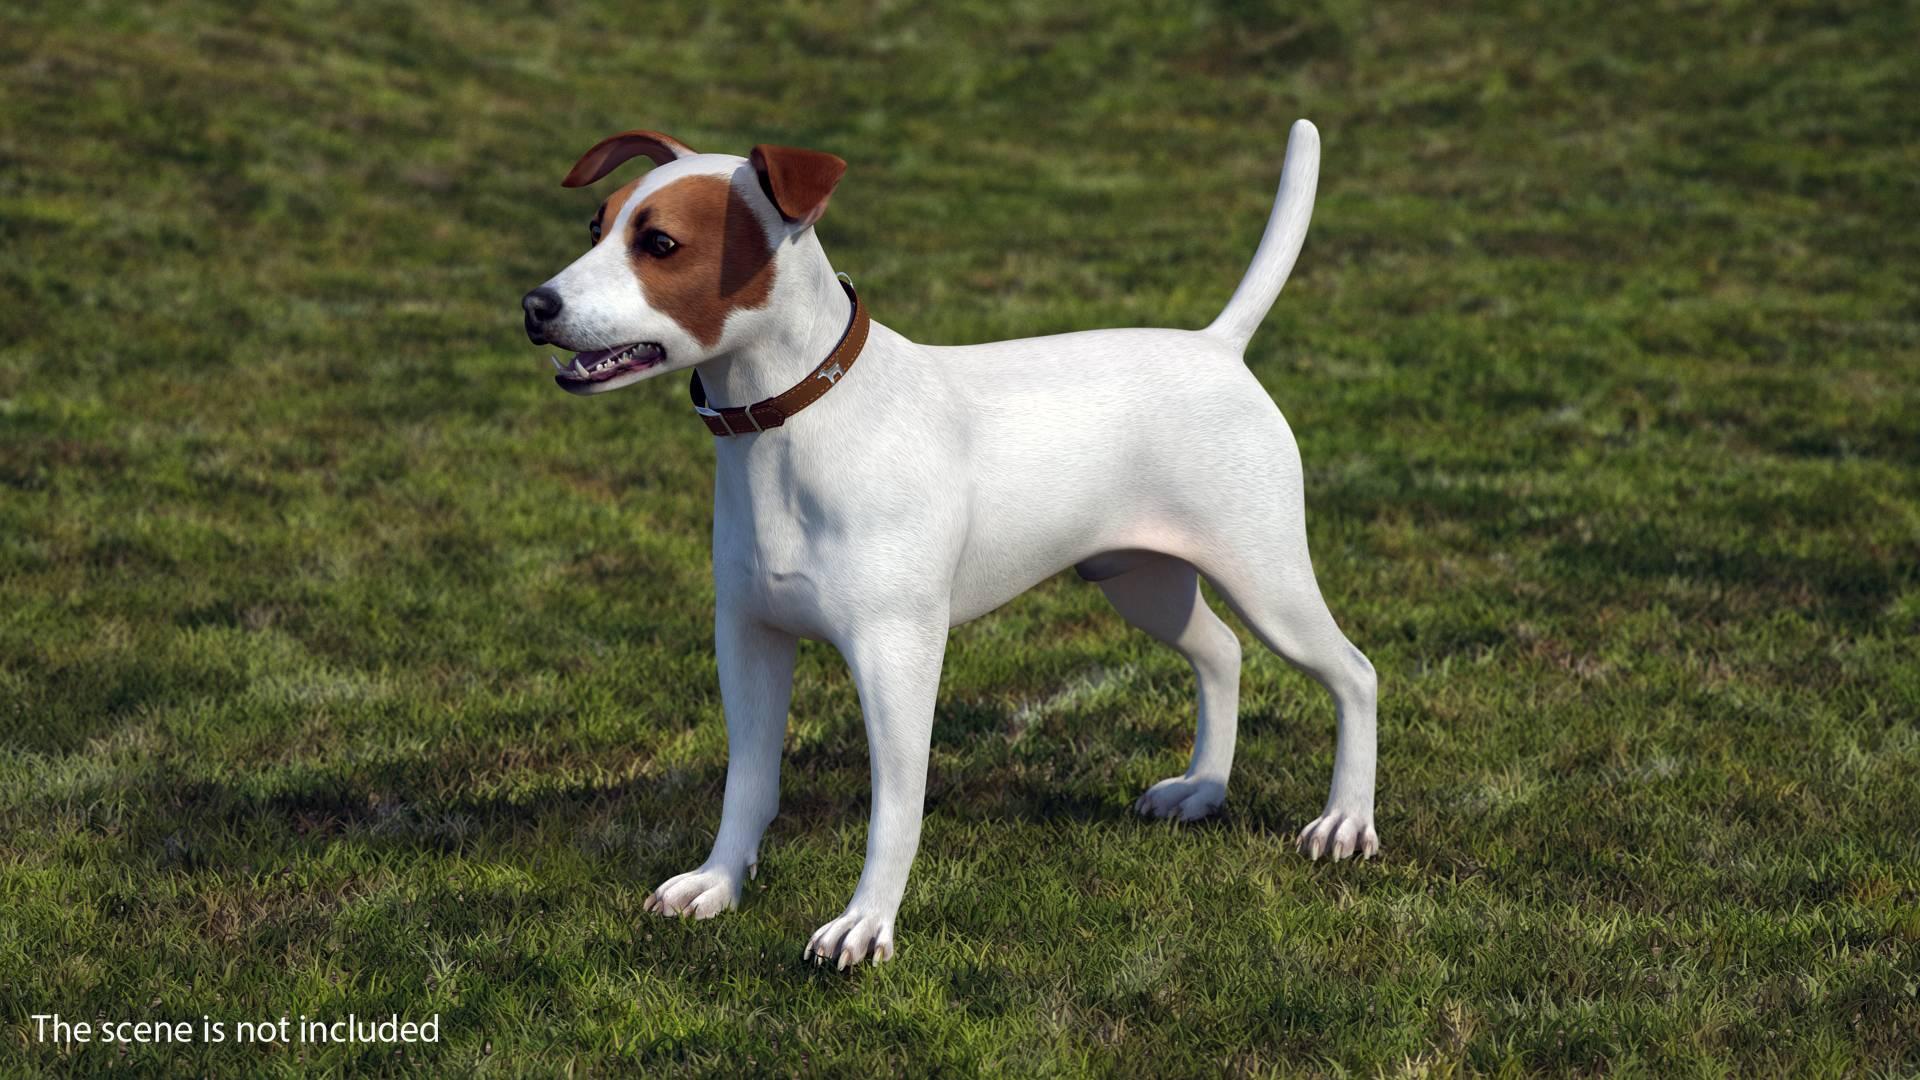 Парсон рассел терьер собака. описание, особенности, уход и цена парсон рассел терьера | животный мир